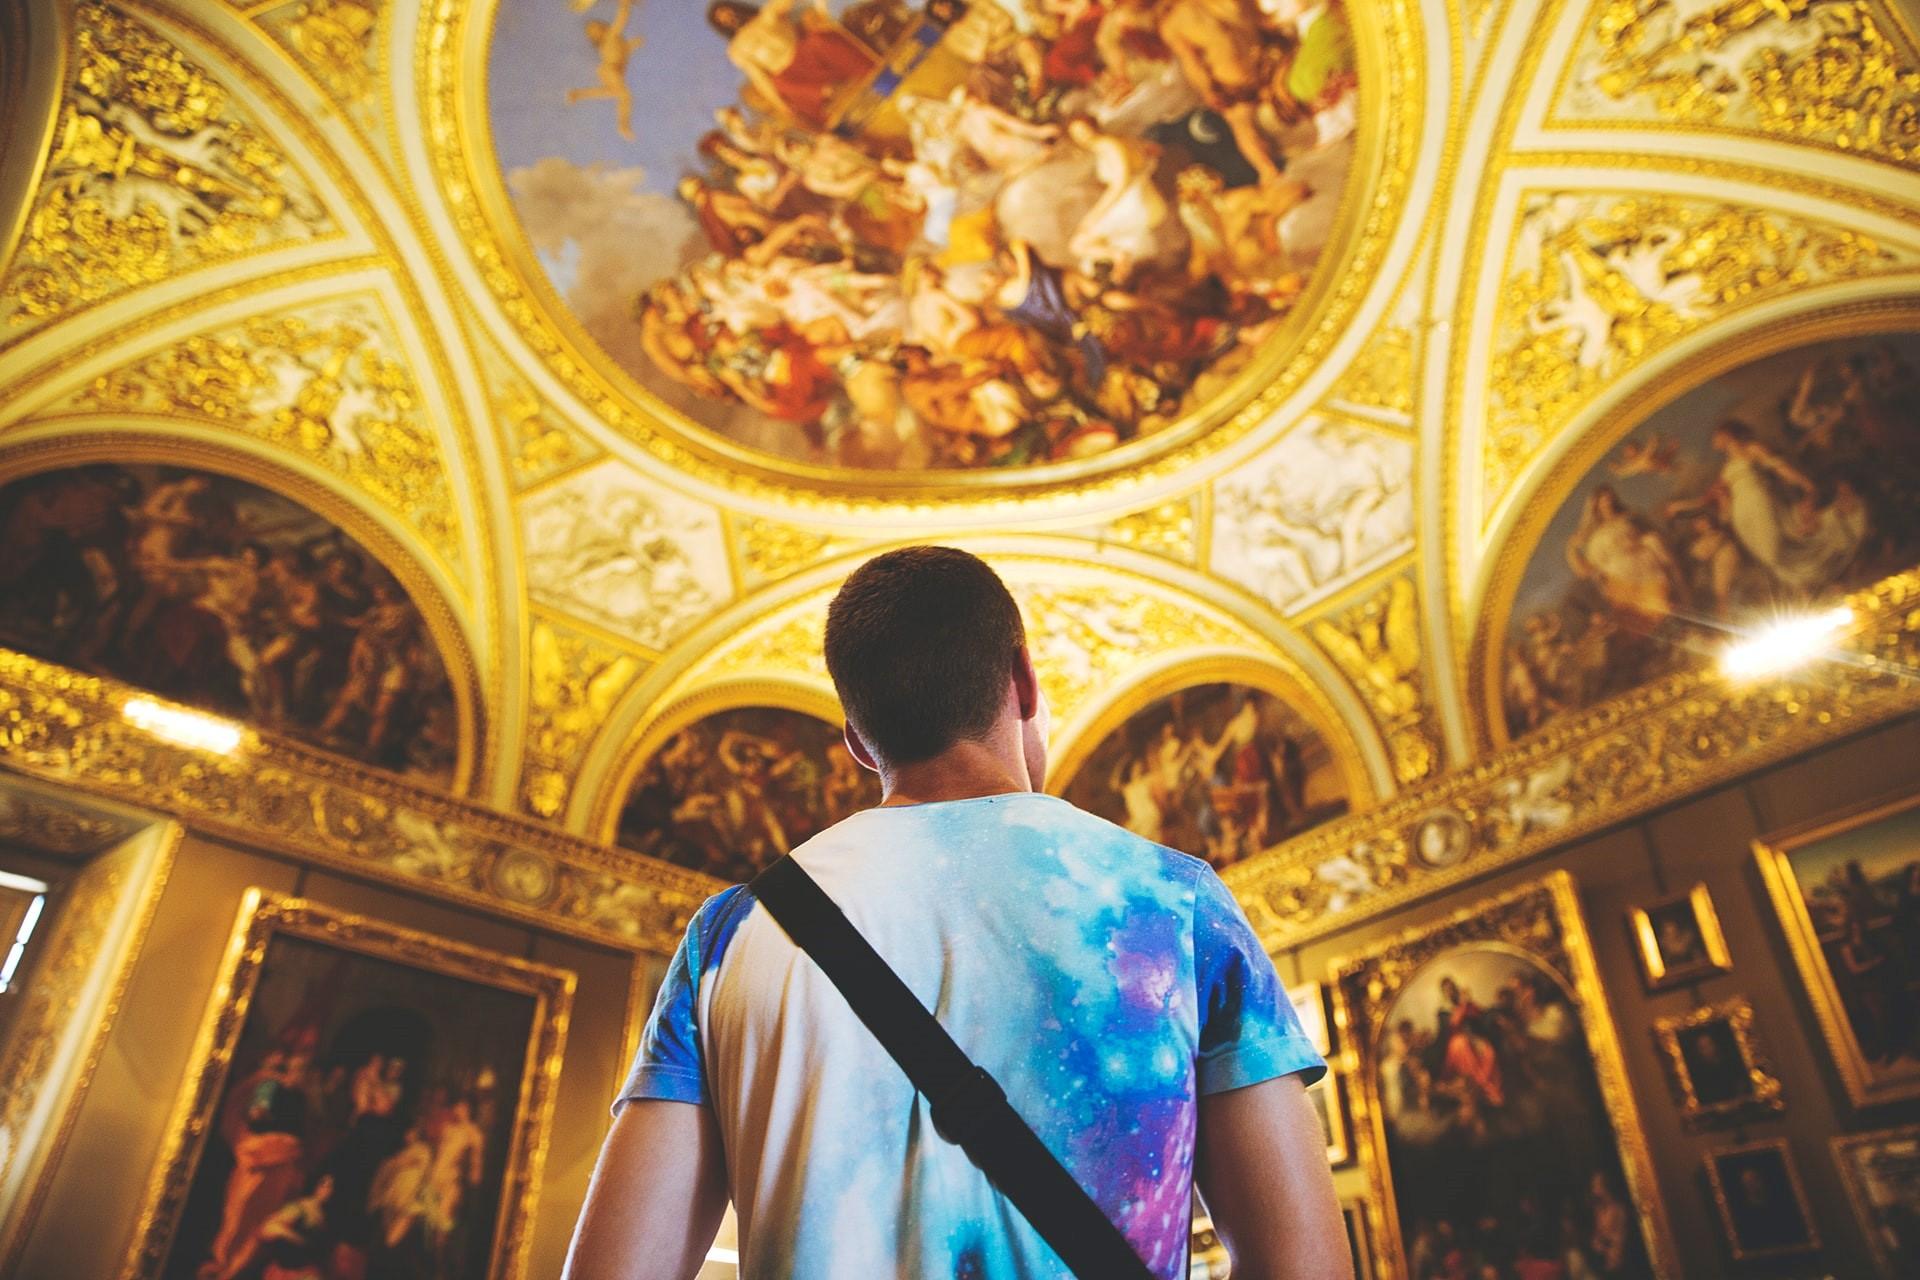 arte - un ragazzo che guarda il soffitto dipinto